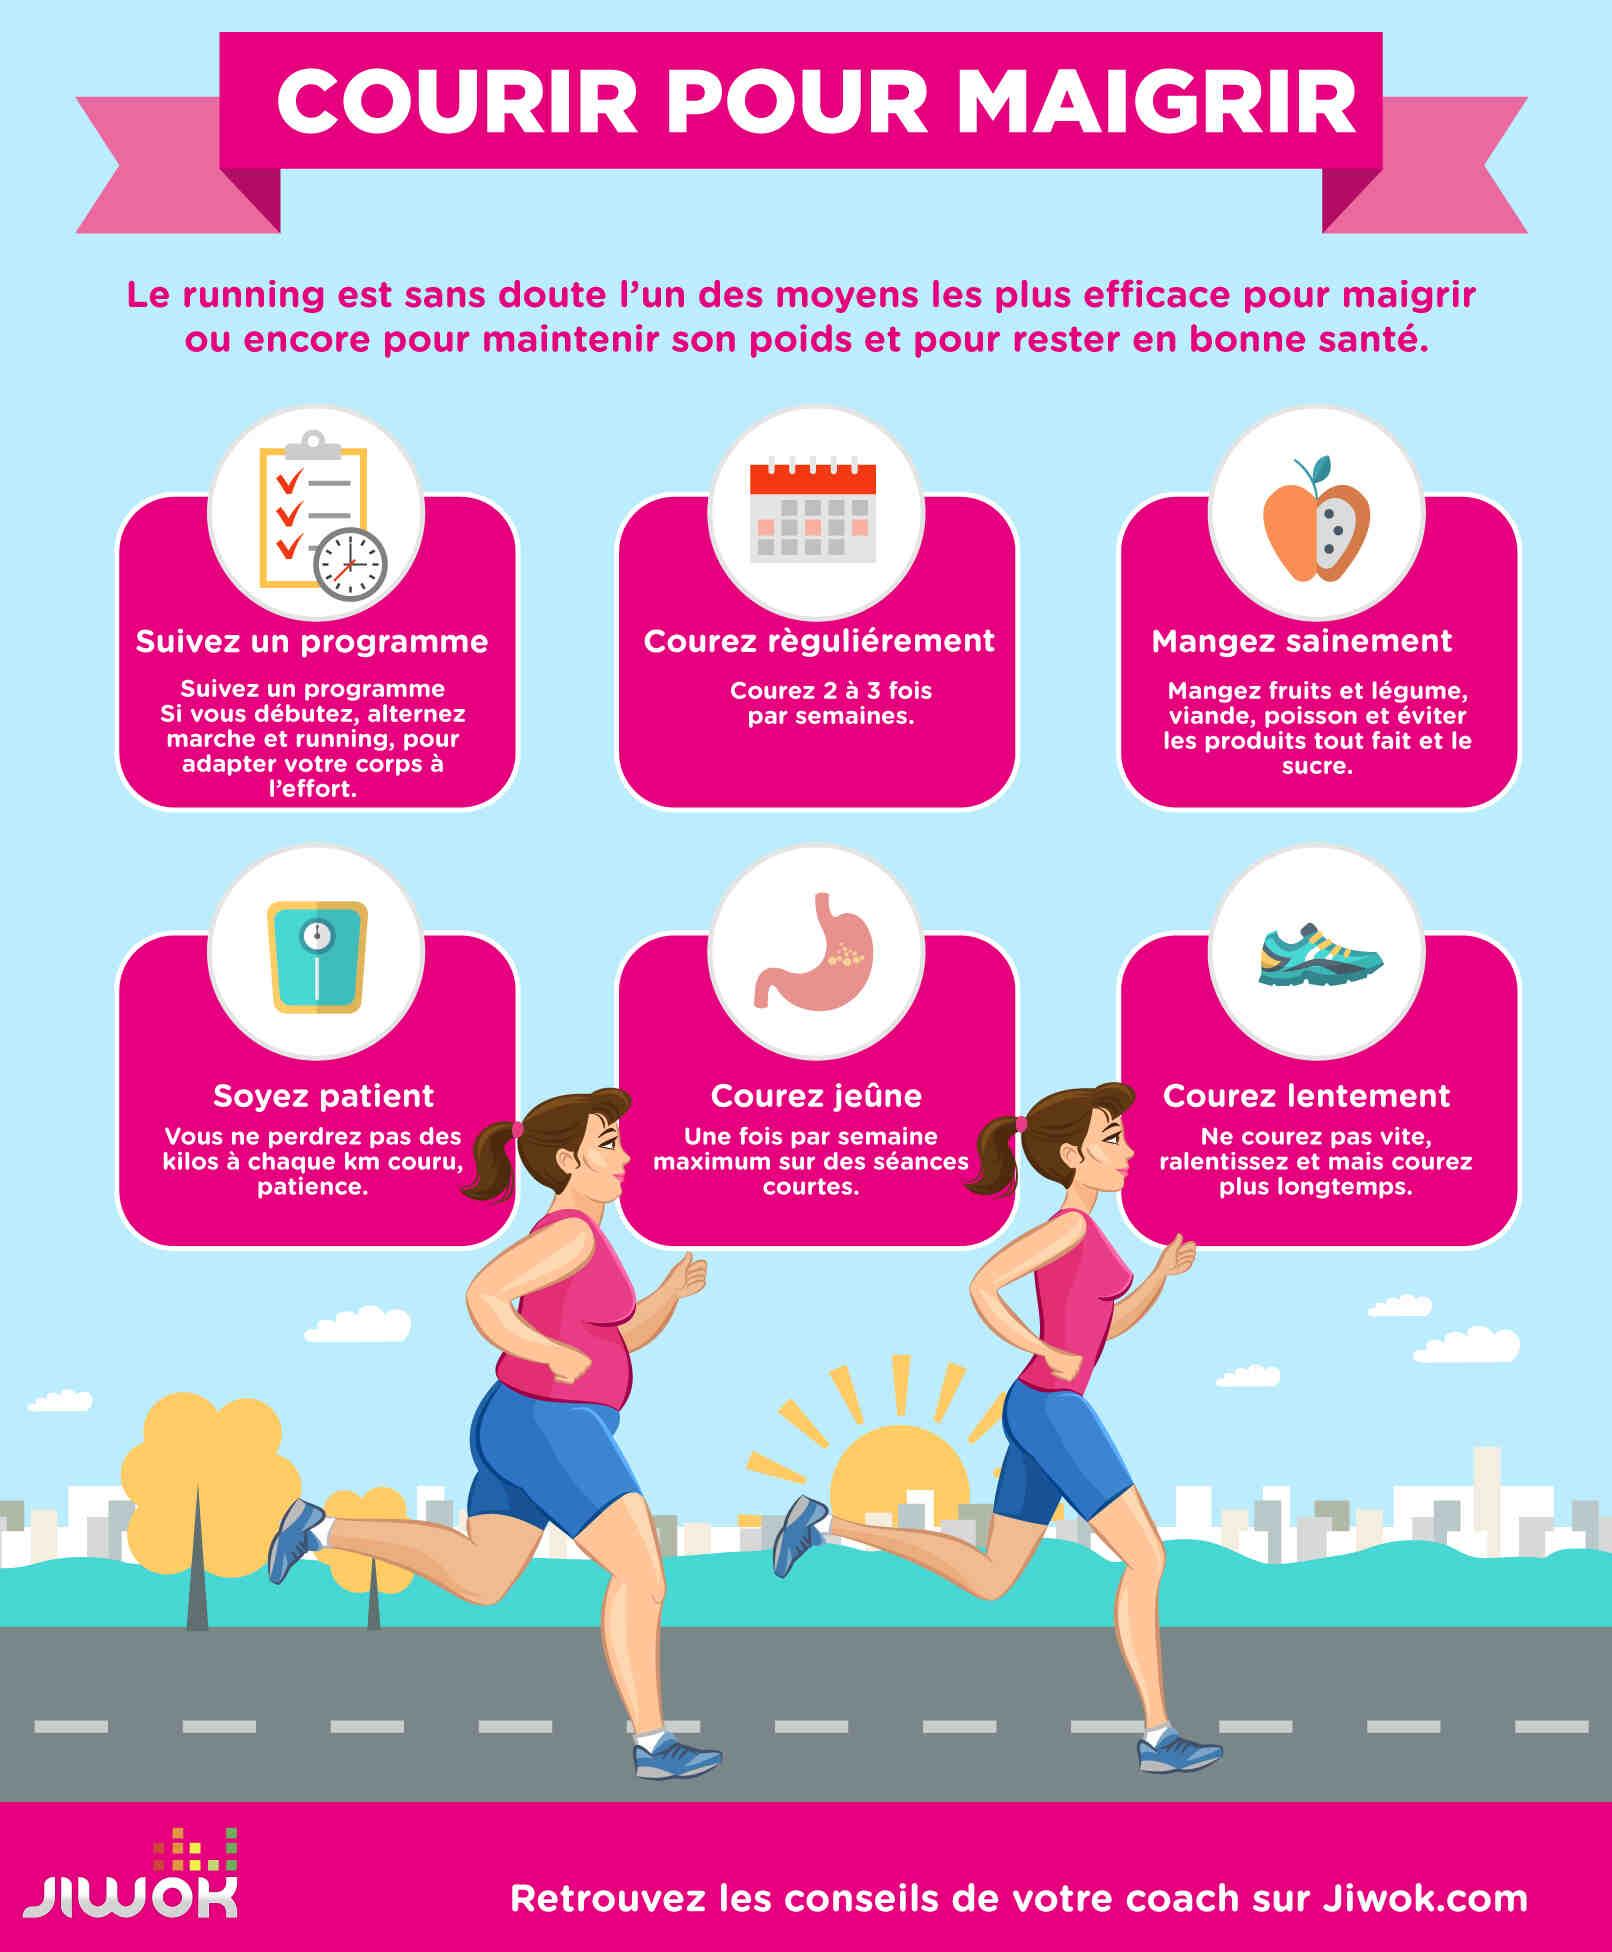 Quel est le régime le plus efficace pour perdre du poids?